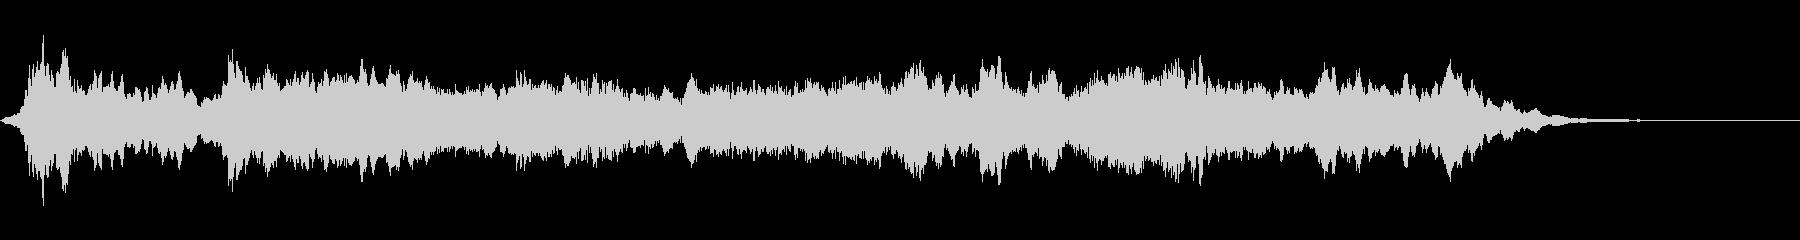 ホラー・サスペンス系軋み効果音1の未再生の波形